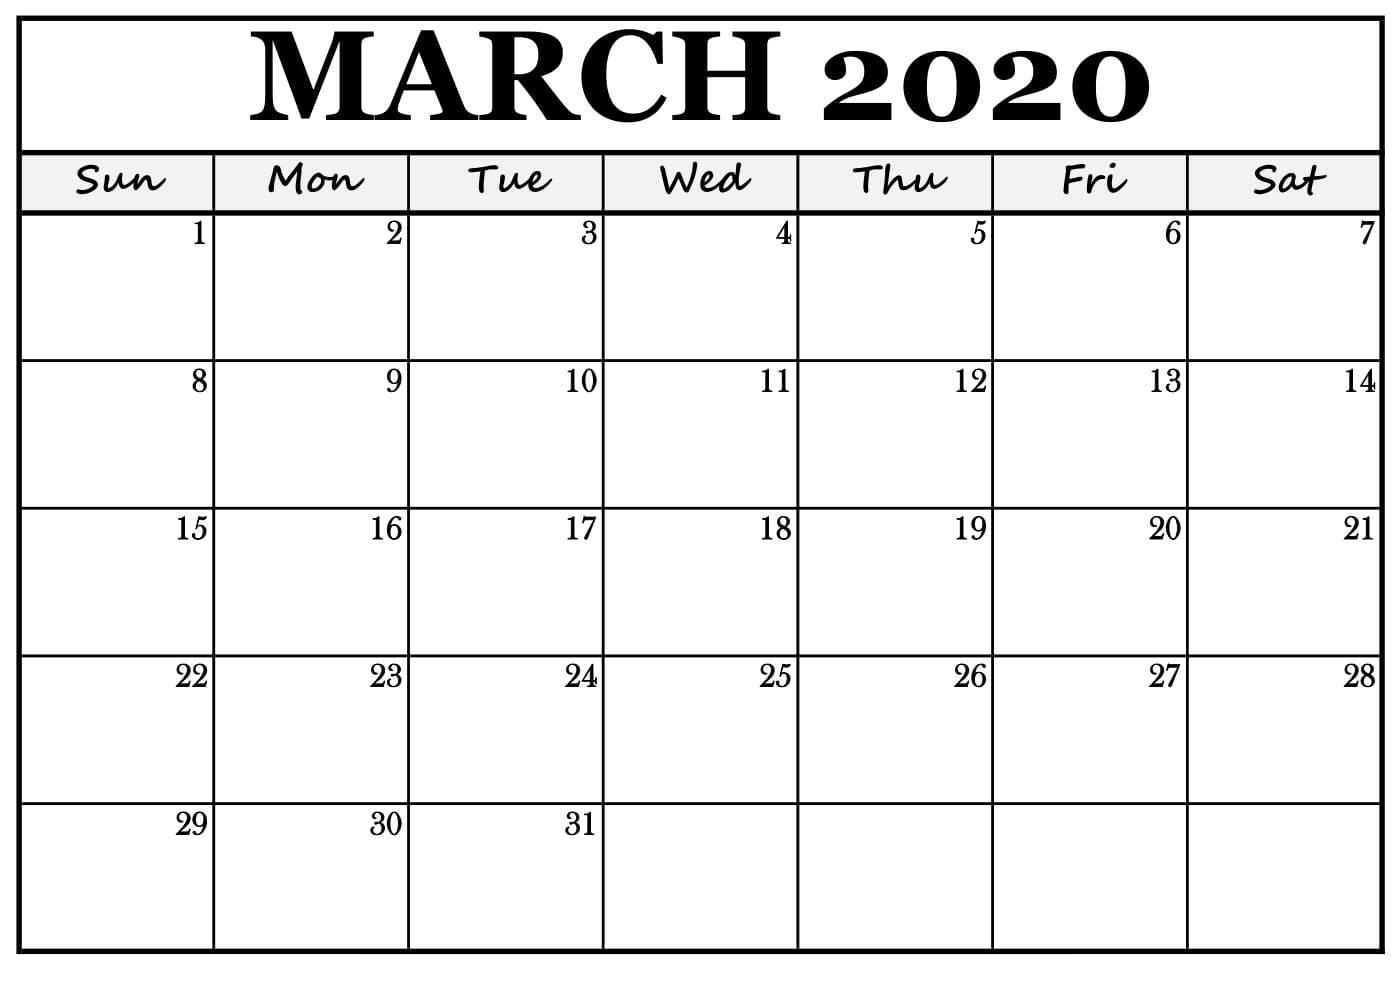 Mar 2020 Calendar Template